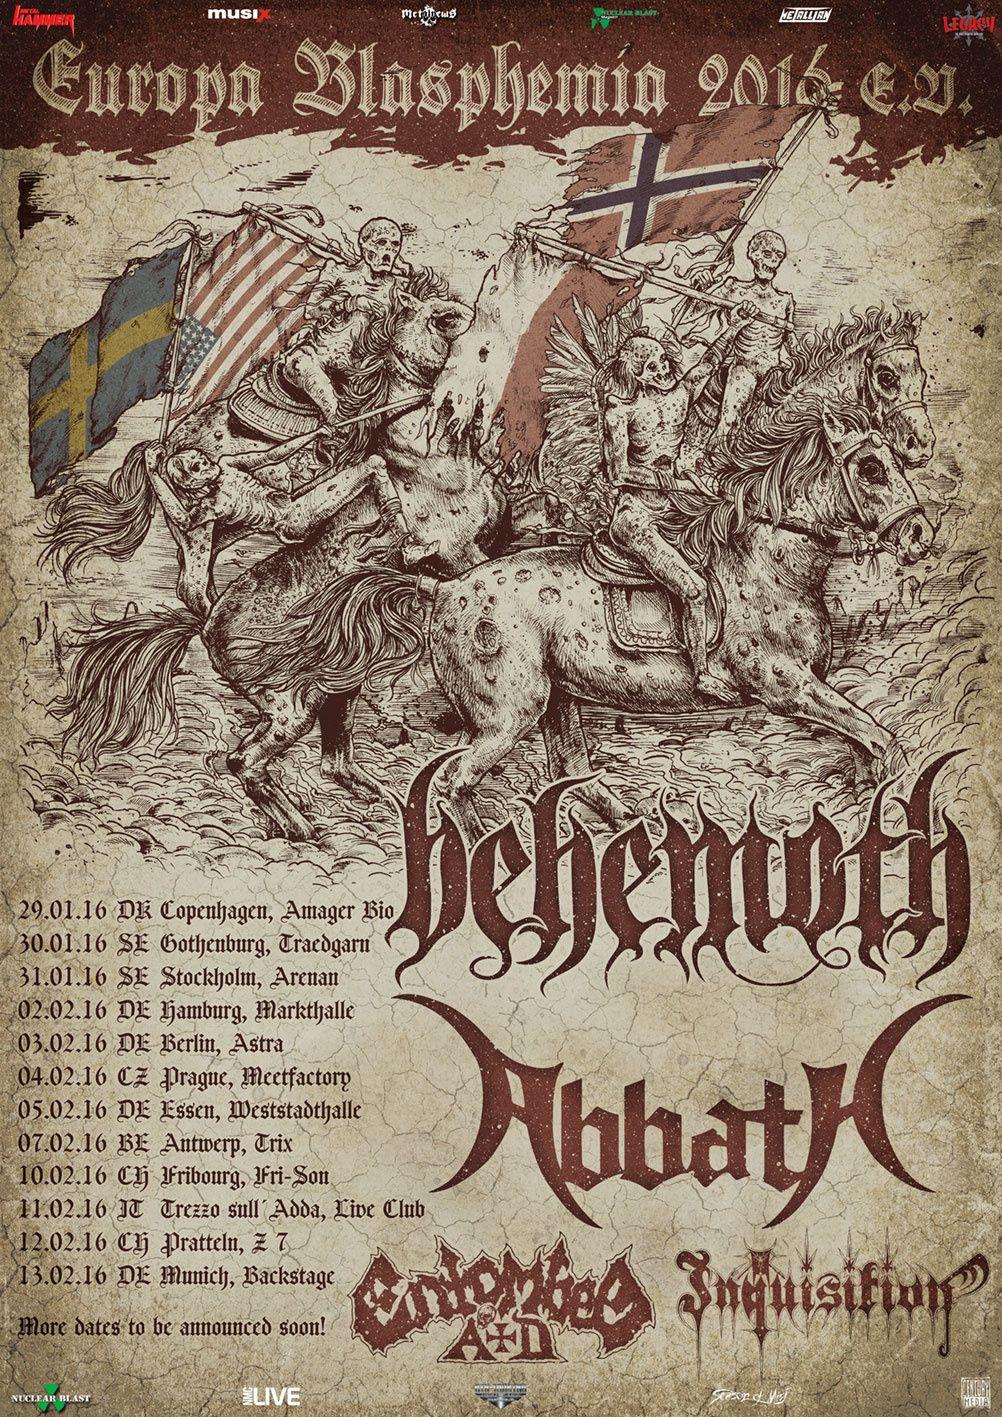 ABBATH European tour dates 2016